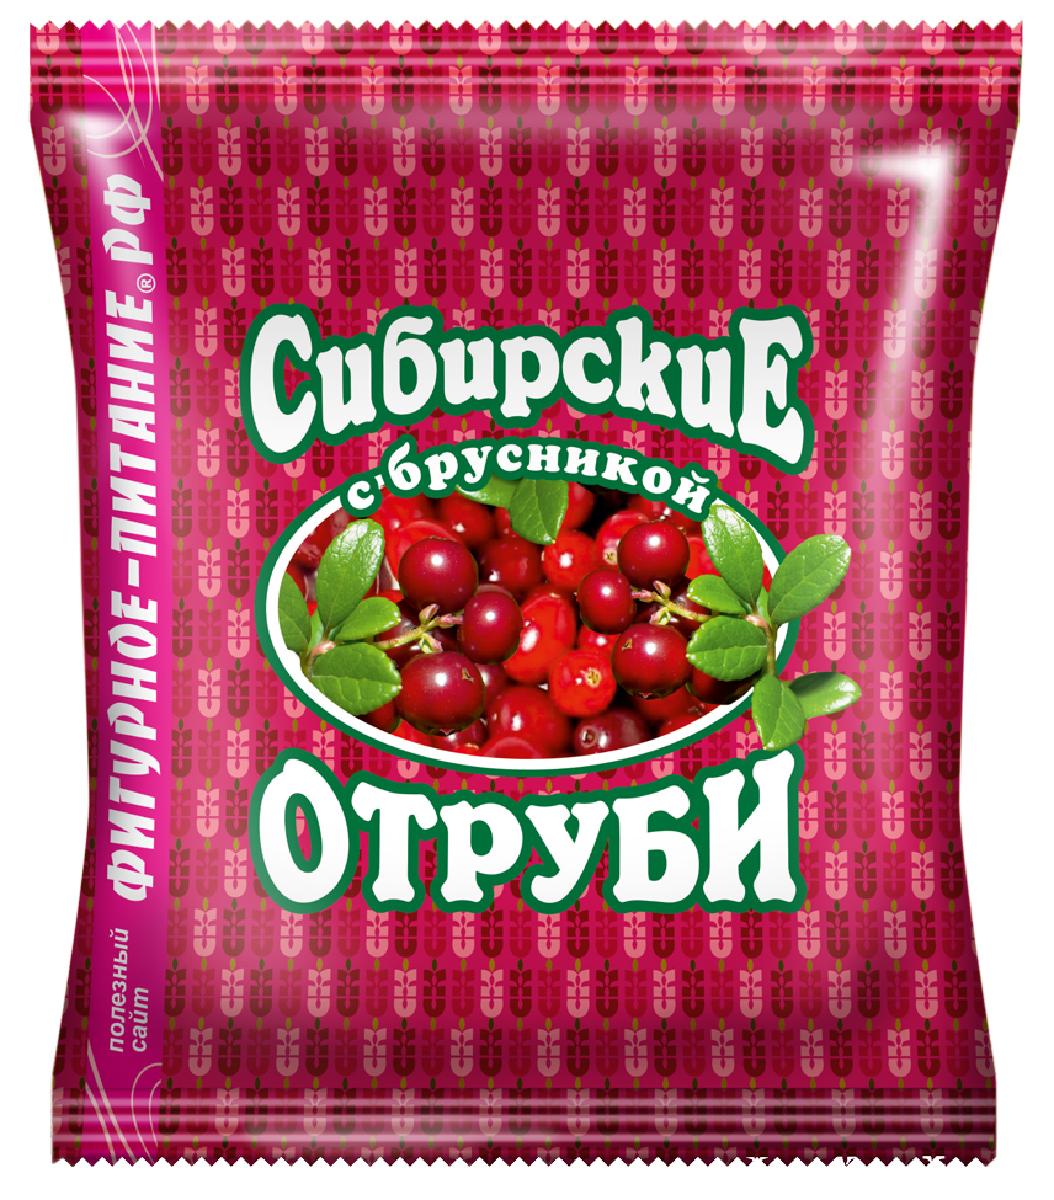 Сибирские Отруби пшеничные с брусникой, 200 г сибирские отруби овсяные натуральные 200 г